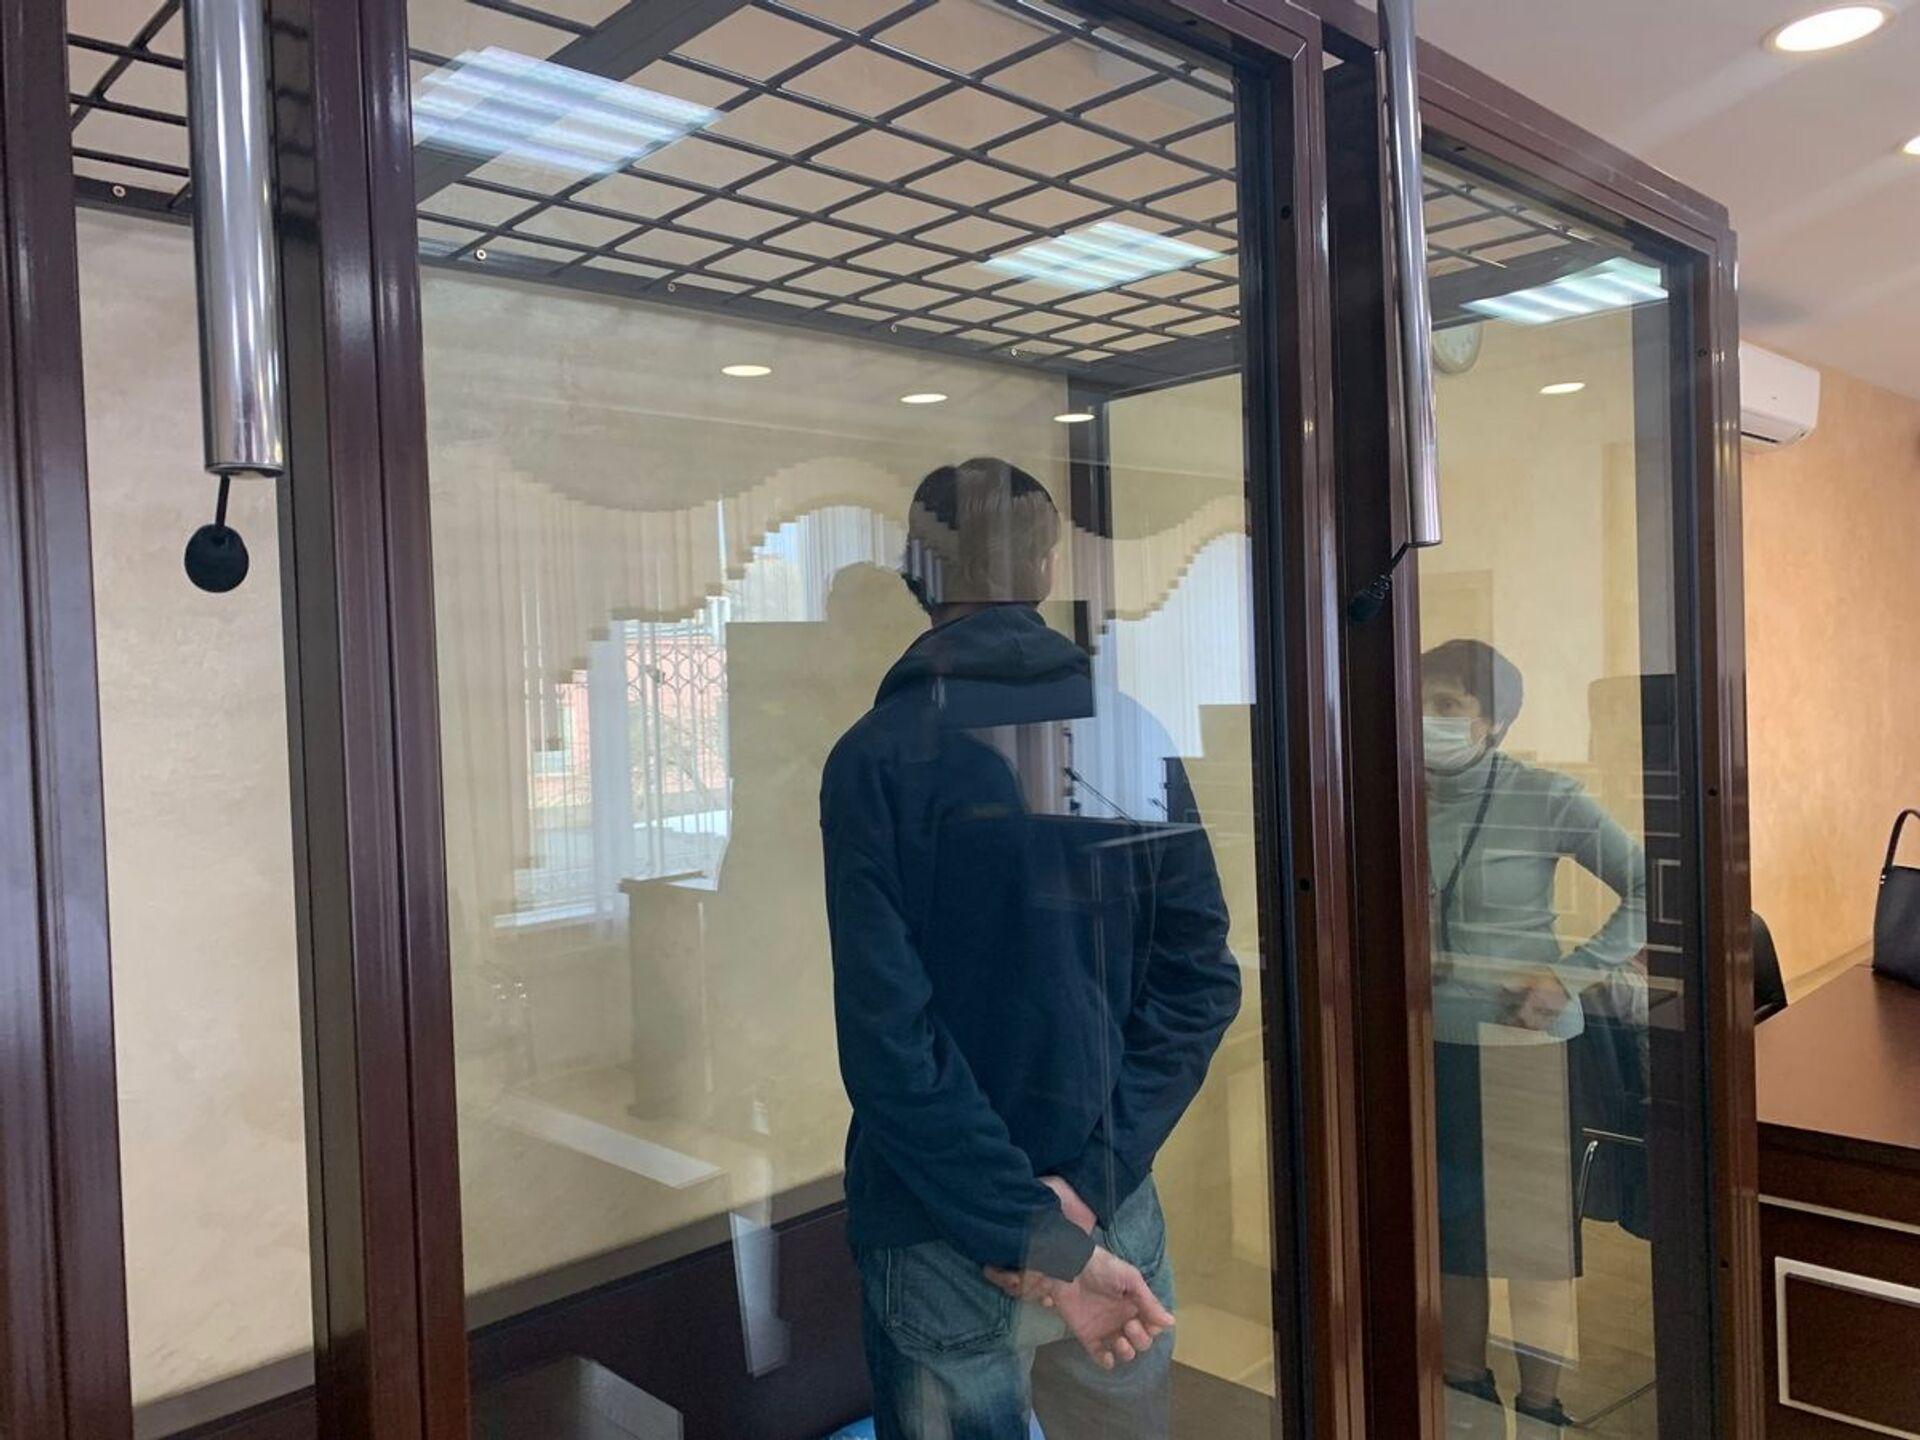 Расчленил и закопал: дело о жестоком убийстве рассматривают в Гродно - Sputnik Беларусь, 1920, 15.03.2021